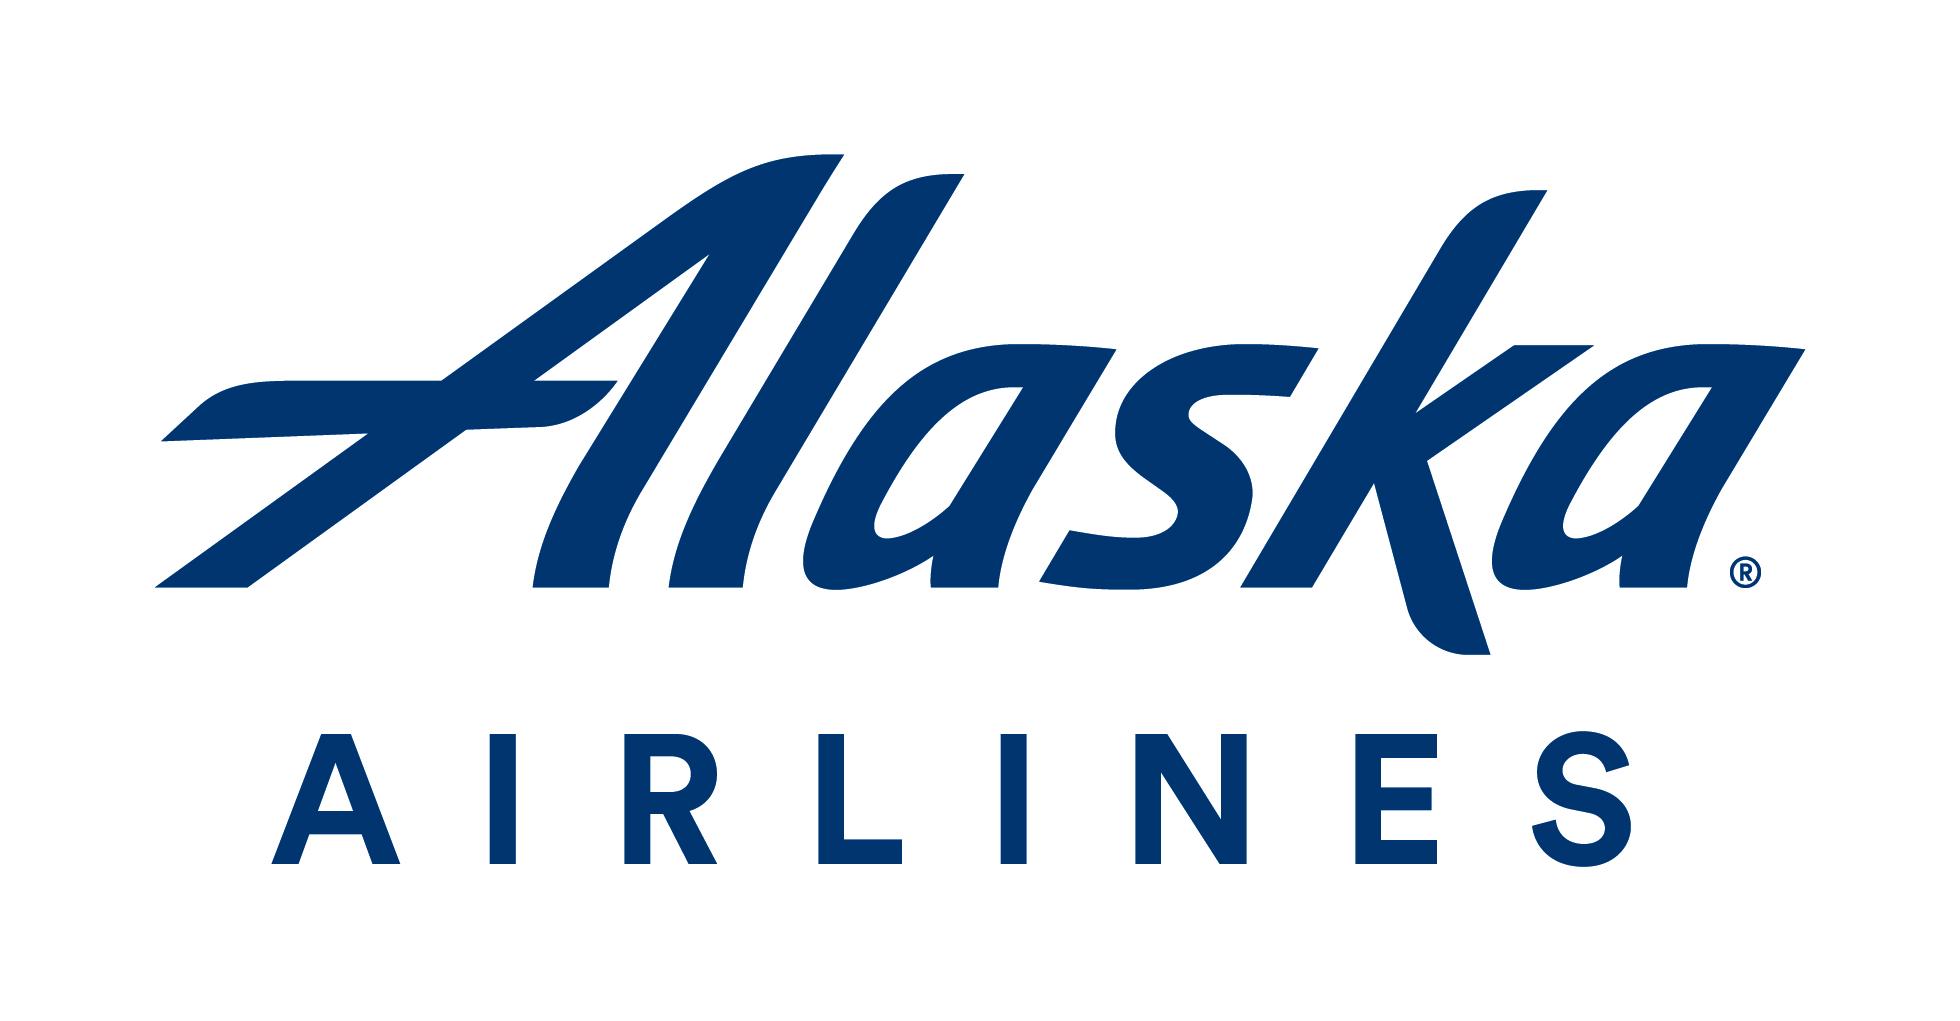 AlaskaAirlines_Wordmark_Official_4cp_Lg.jpg